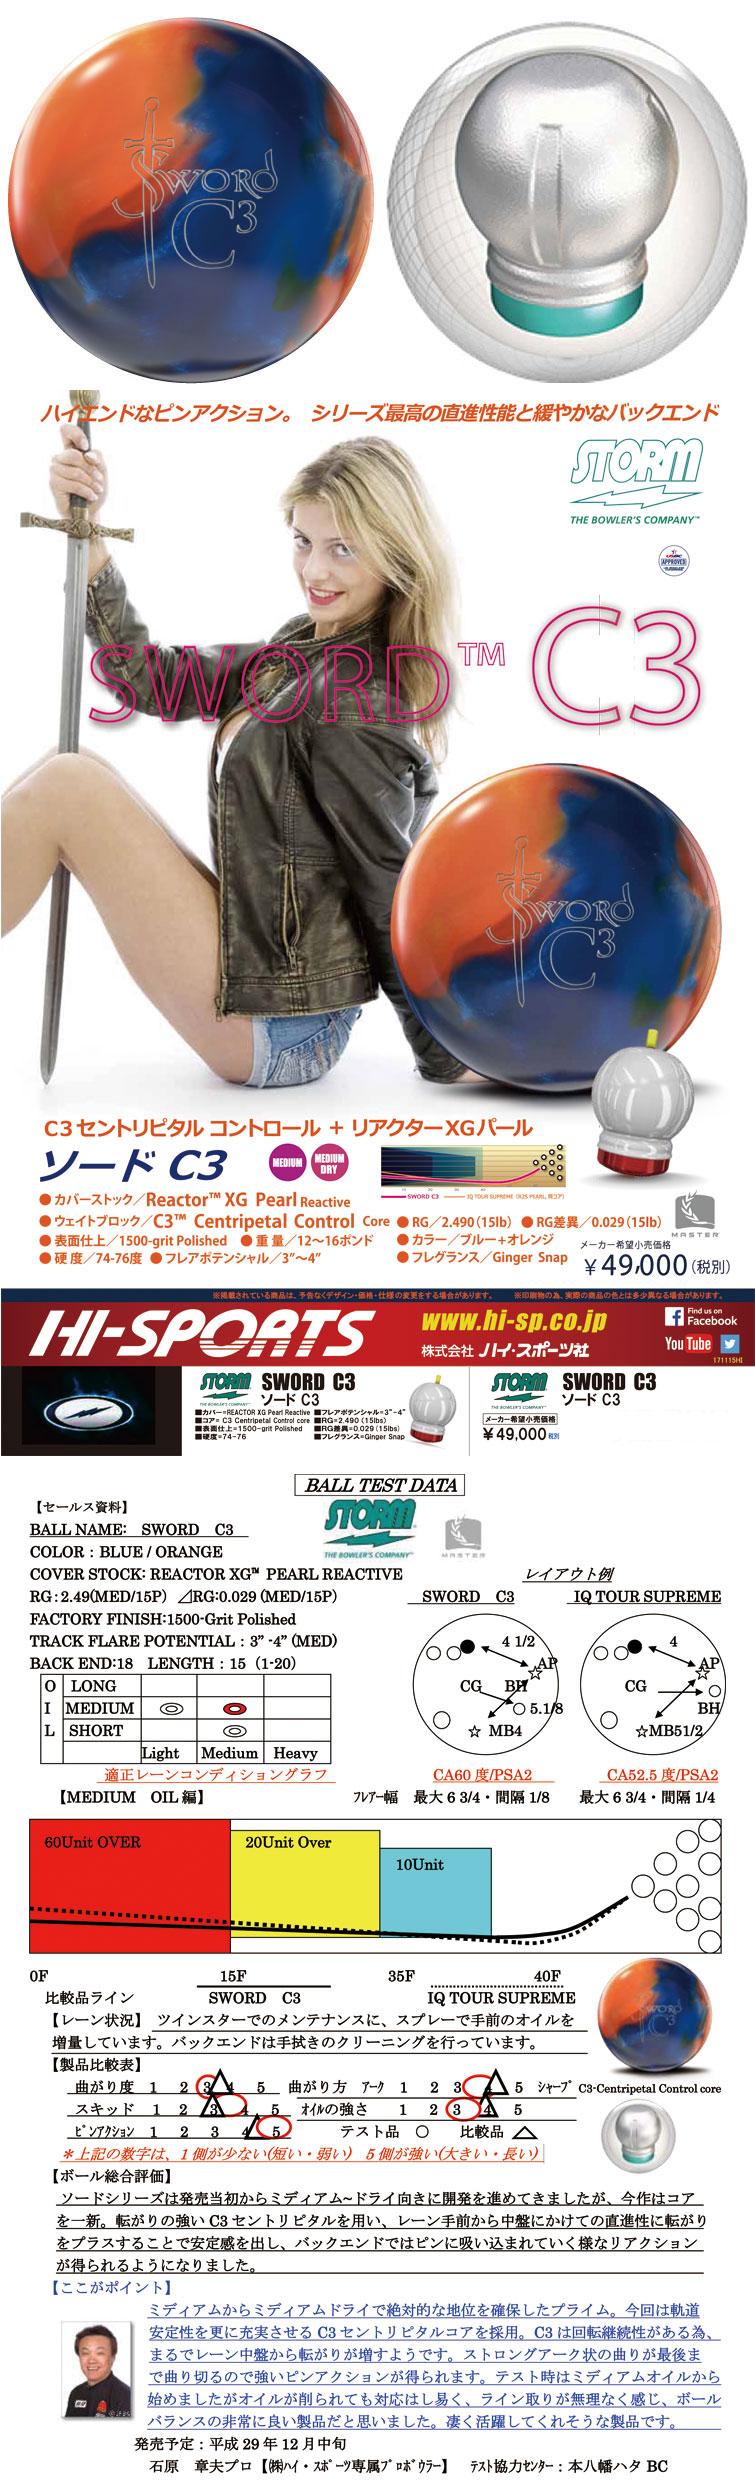 ボウリング用品 ボウリングボール ストーム STORM ソードC3 SWORD C3